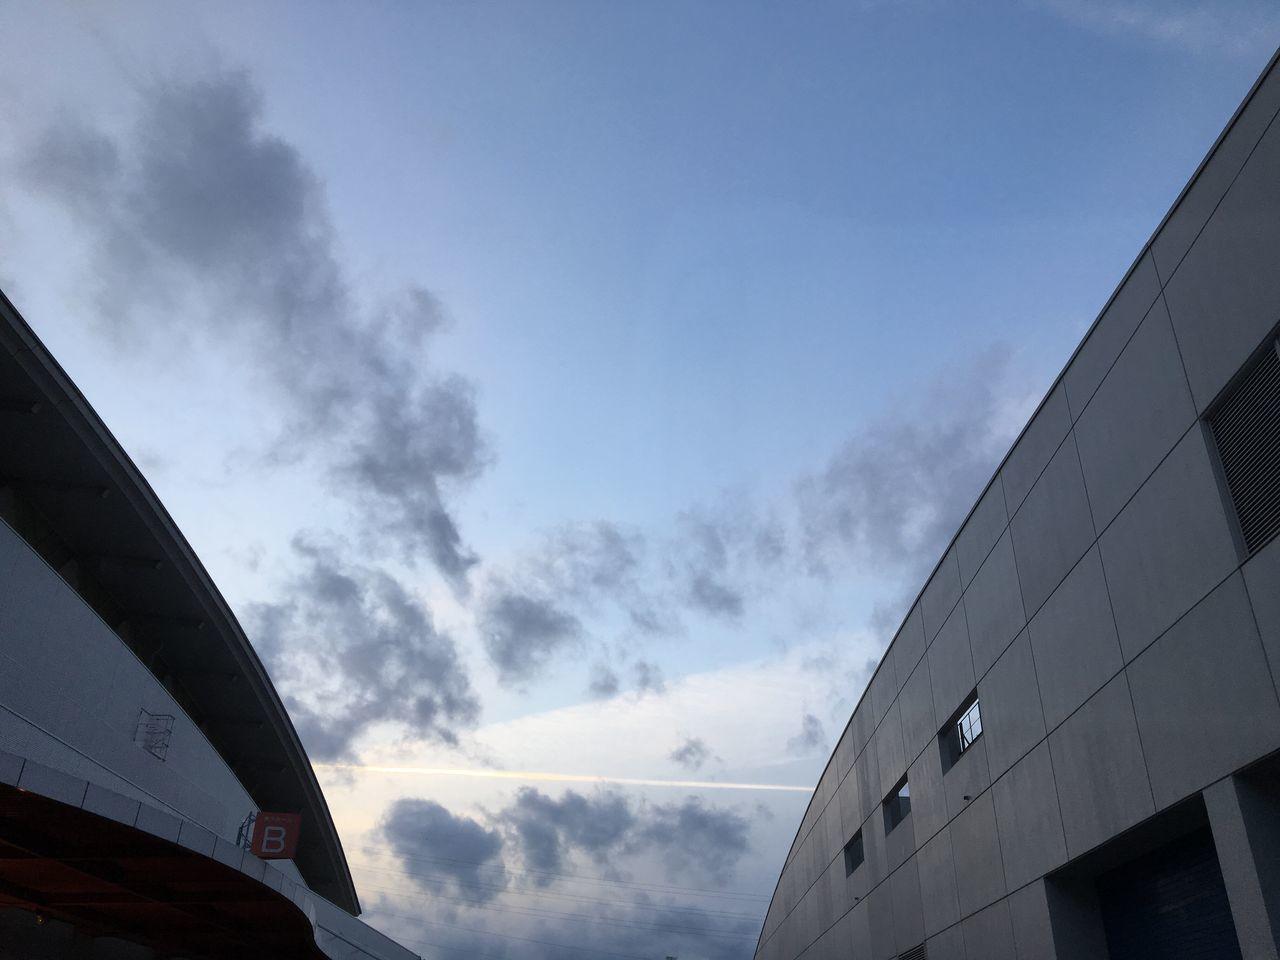 今日から始まる、🌹とうほく蘭展&バラとガーデンフェスタ2017🌺でお仕事。24日と26日は居ませーん。 Cloud - Sky Aerial Cloud Sky Low Angle View Built Structure No People Architecture Building Exterior Evening Sky 夢メッセみやぎ Sendai Miyagi Nofilter Noedit Contrail